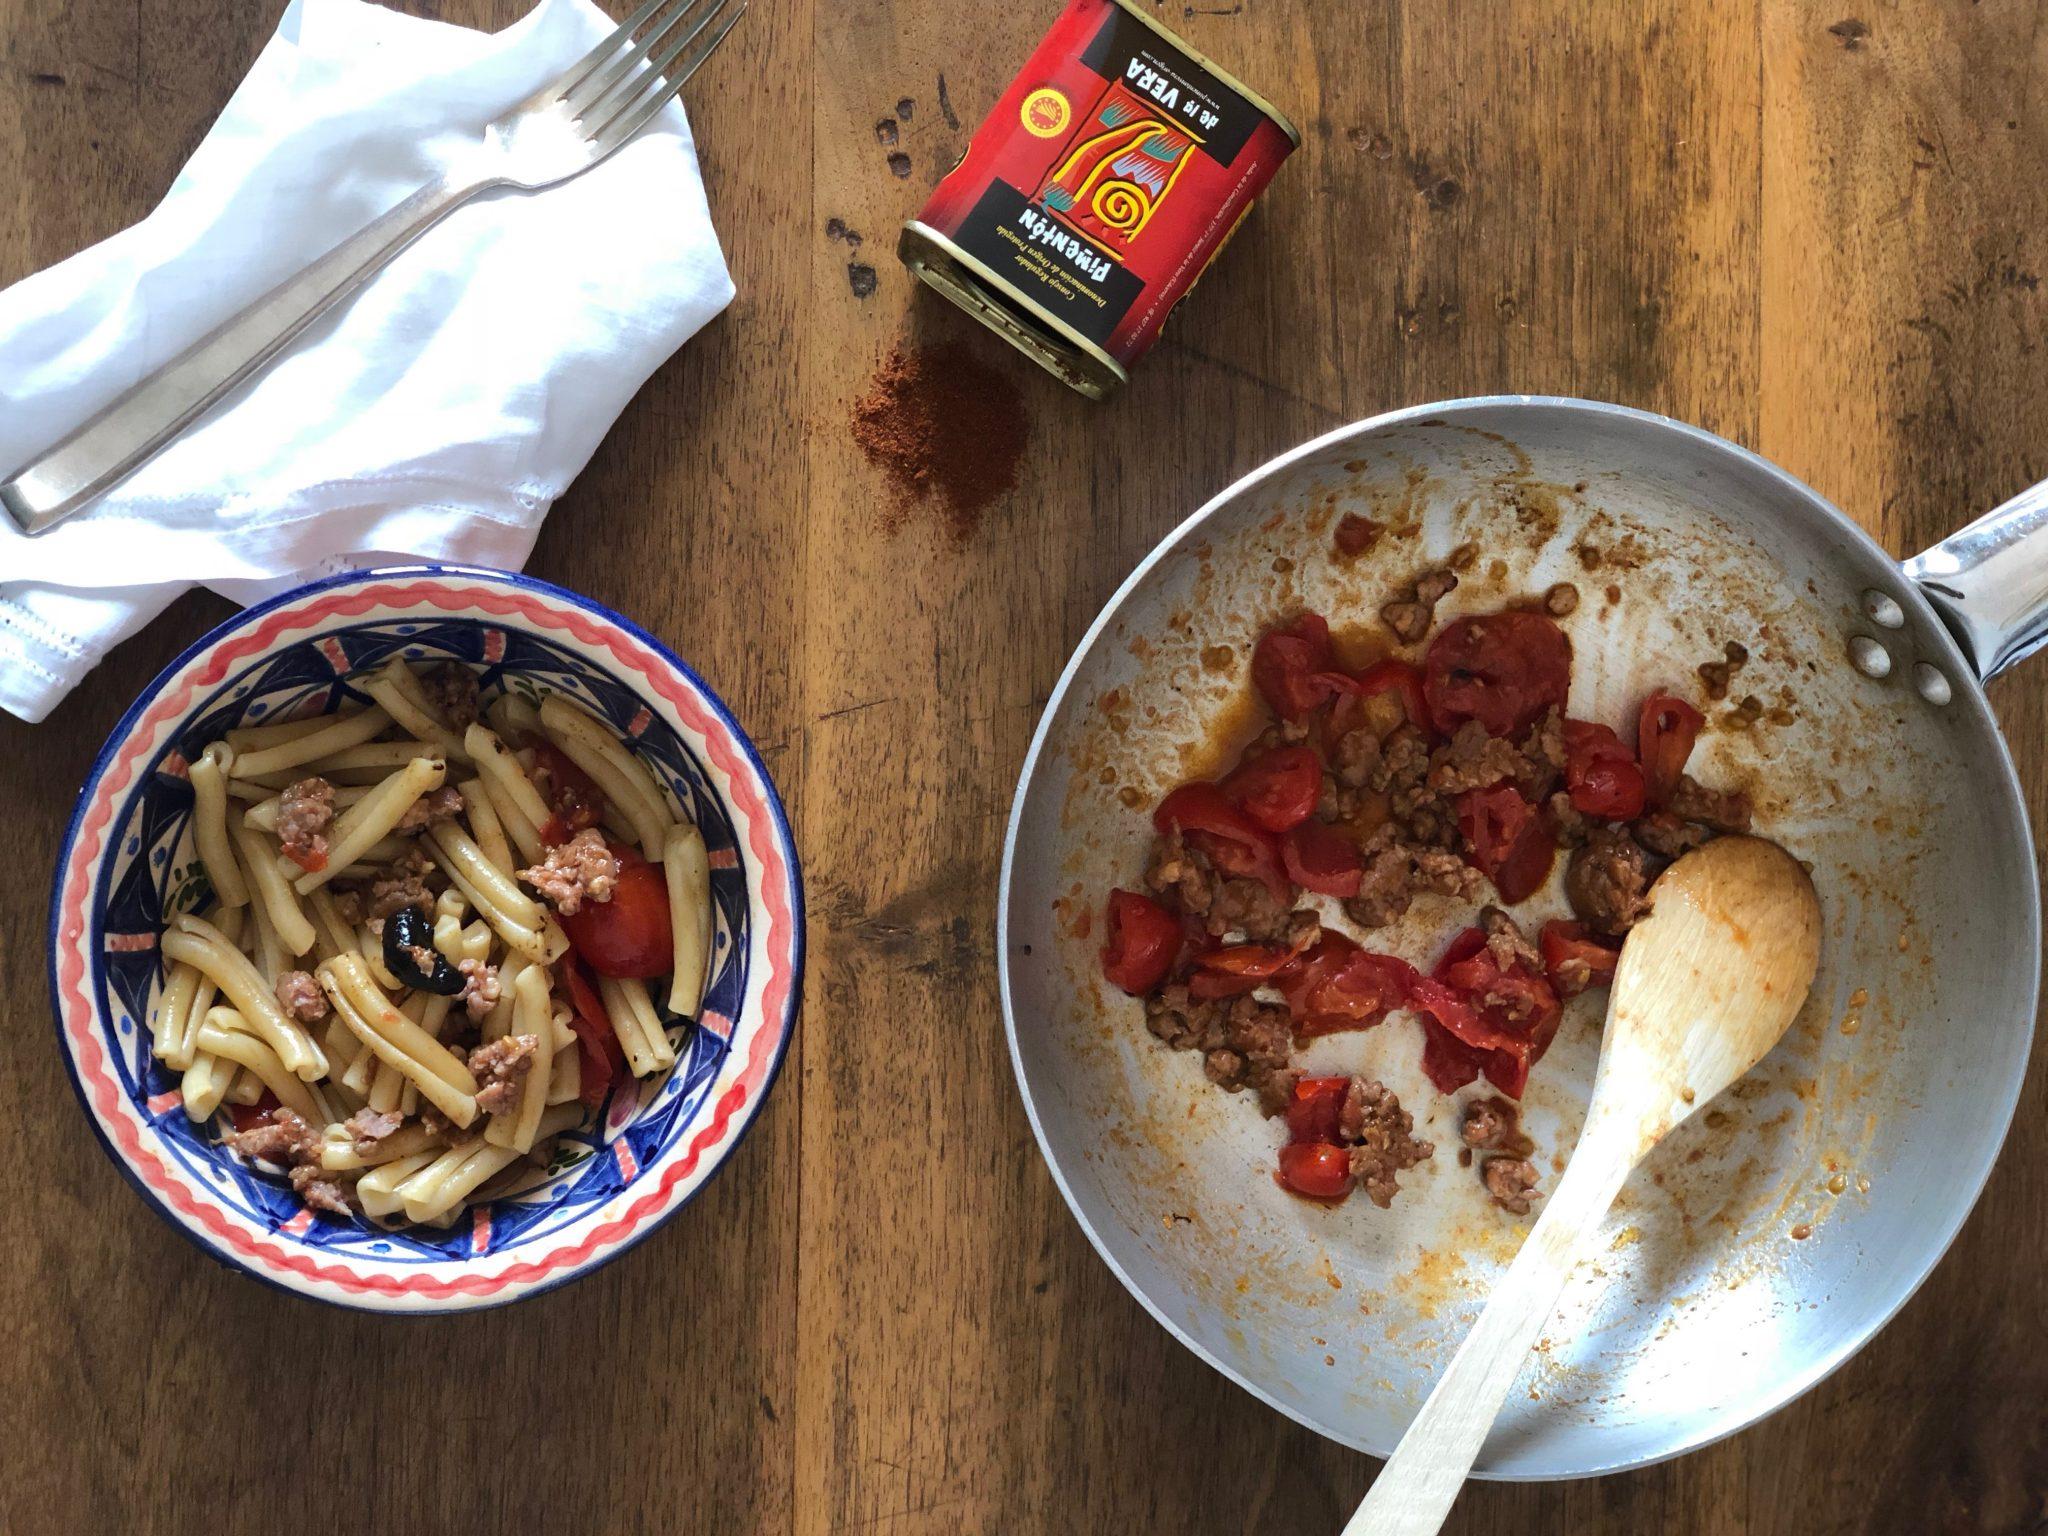 Casarecce con ragù di salsiccia di vitello alla paprika